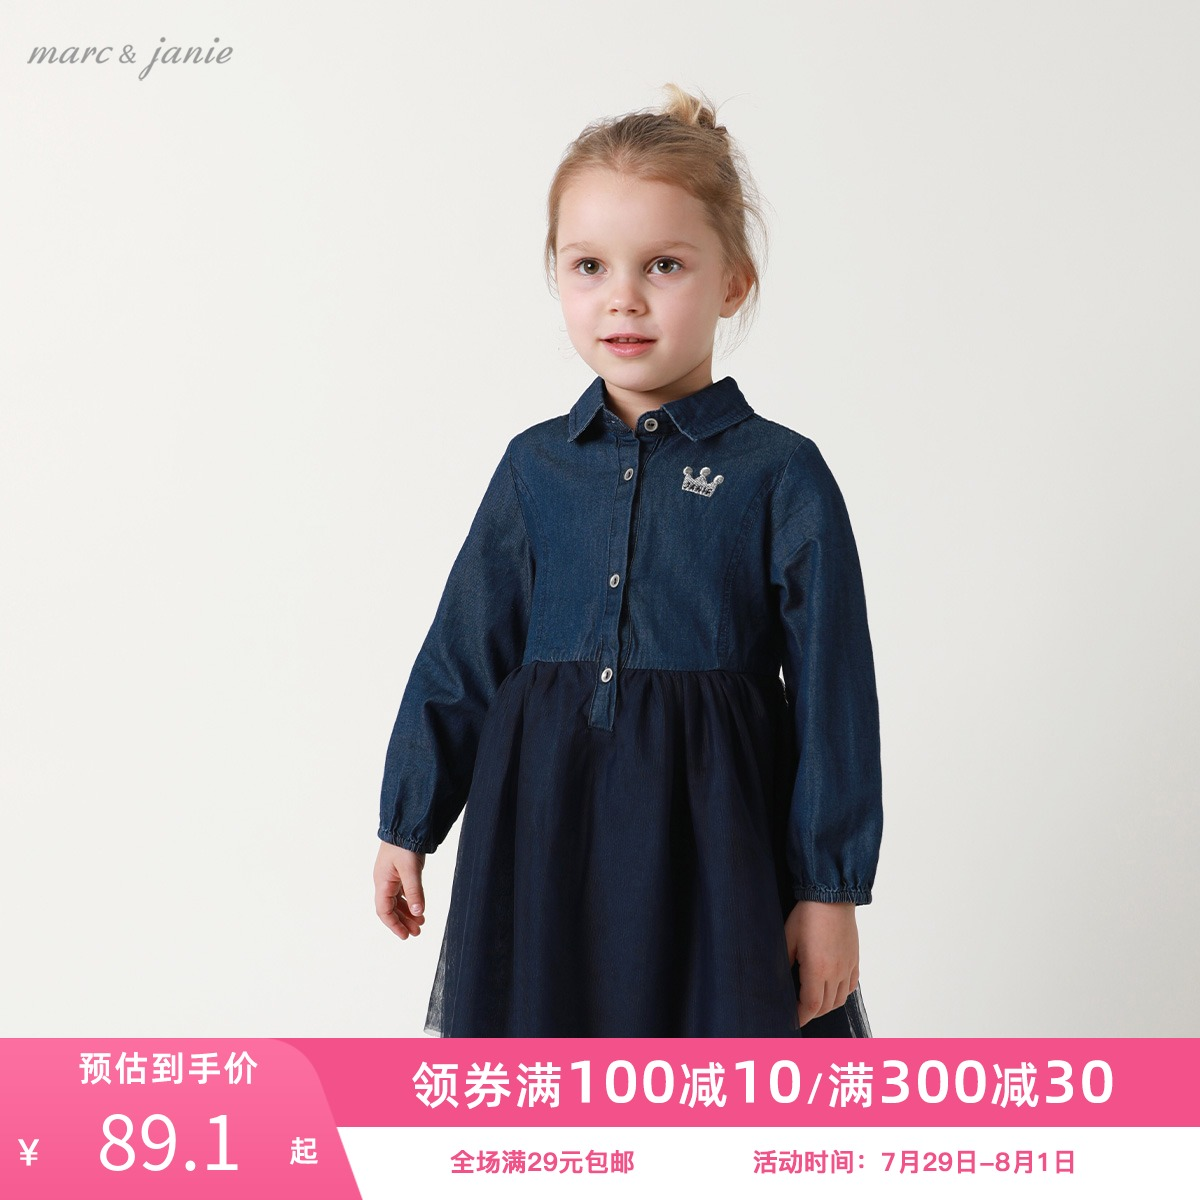 【打折】马克珍妮秋装女童儿童裙子